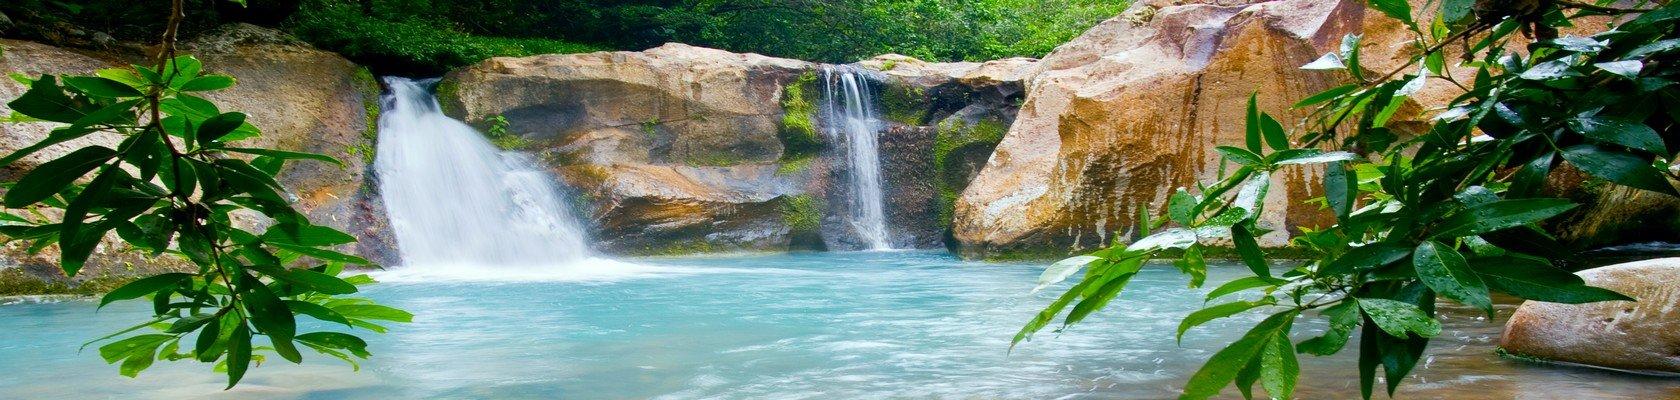 Rincón de la Vieja Nationaal Park